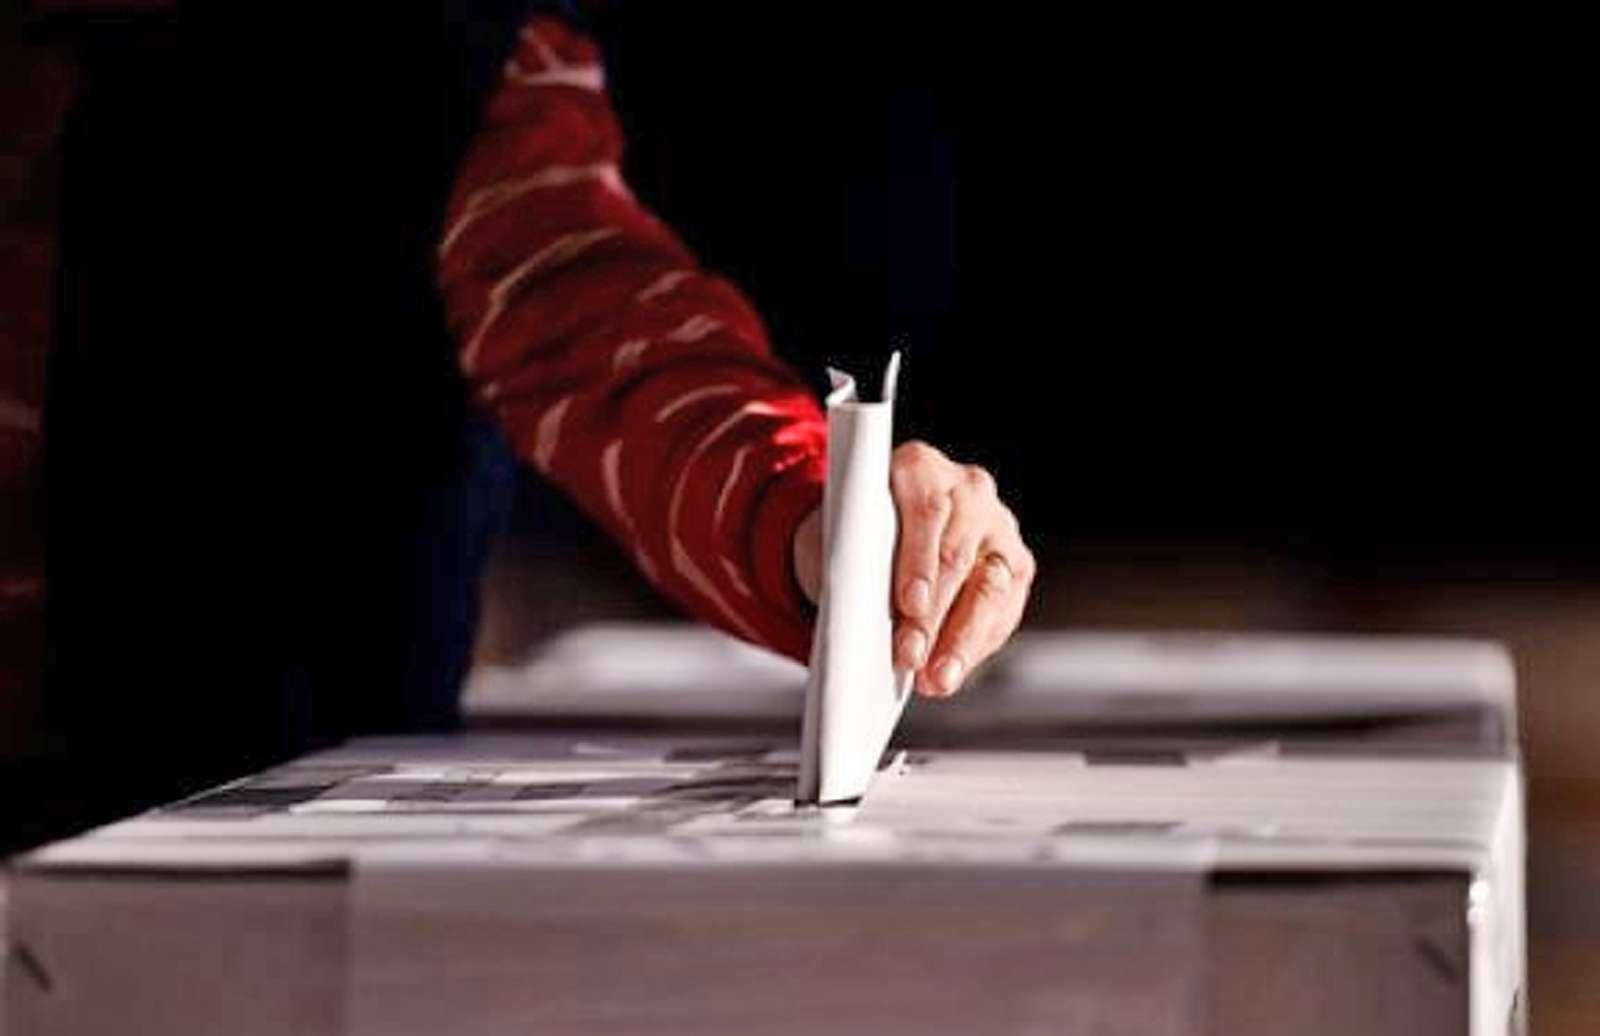 Ψήφος των αποδήμων: Ξάστερη και προς το συμφέρον των ομογενών η θέση του ΚΚΕ